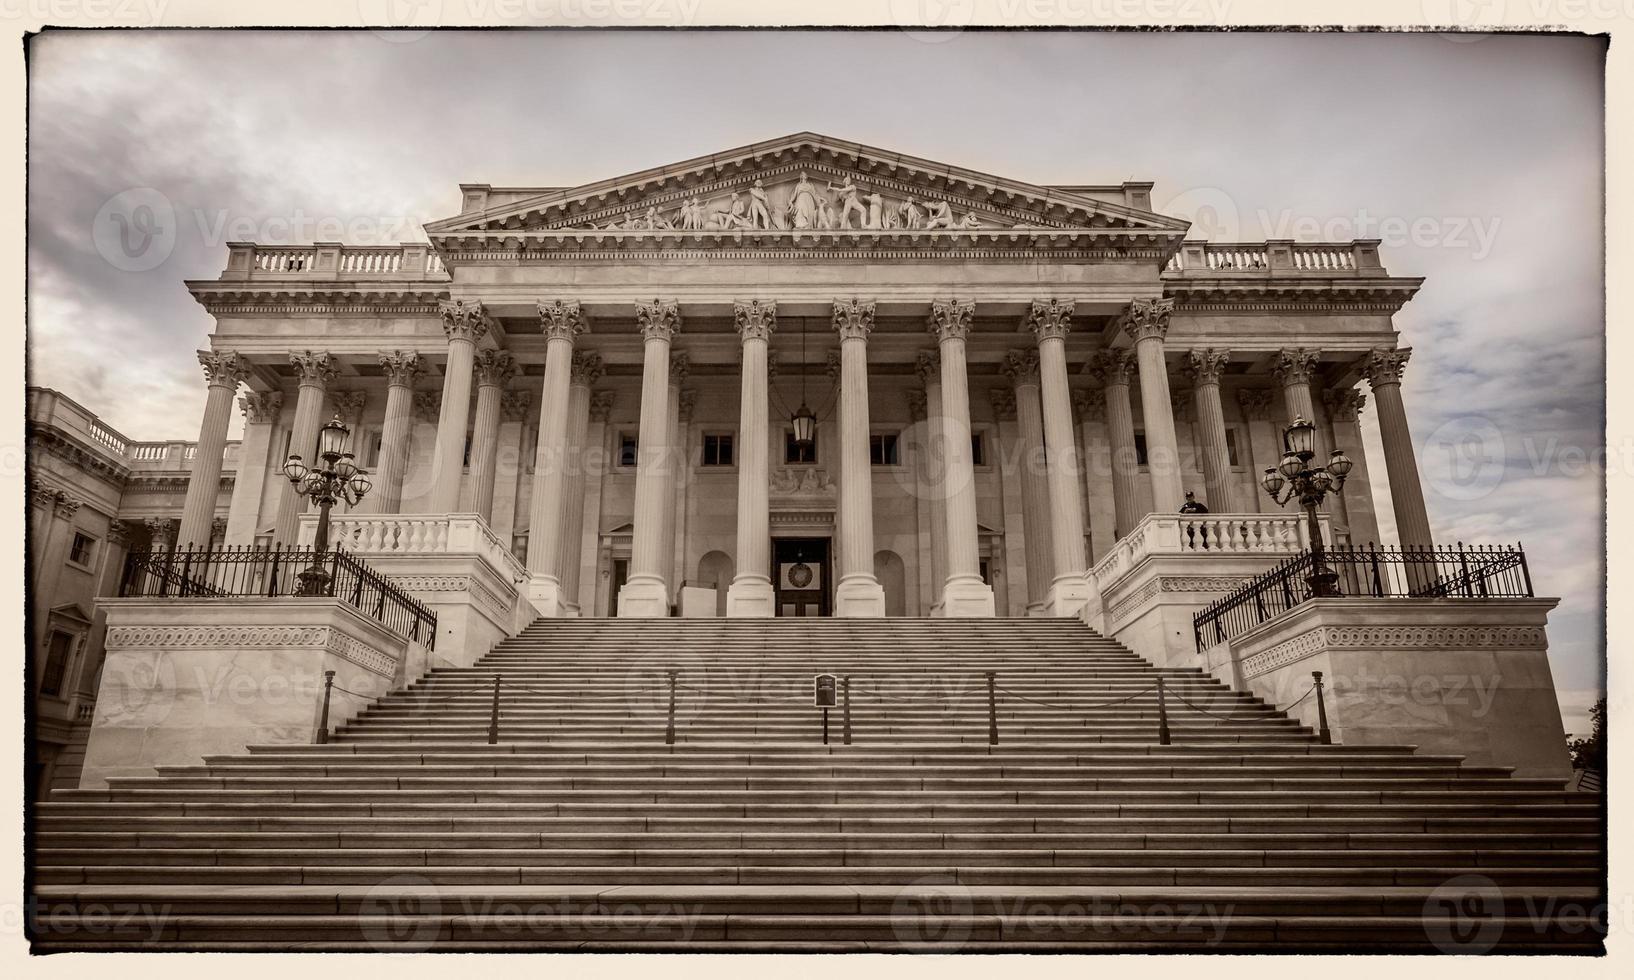 Aile du Sénat de la façade est du Capitole des États-Unis photo